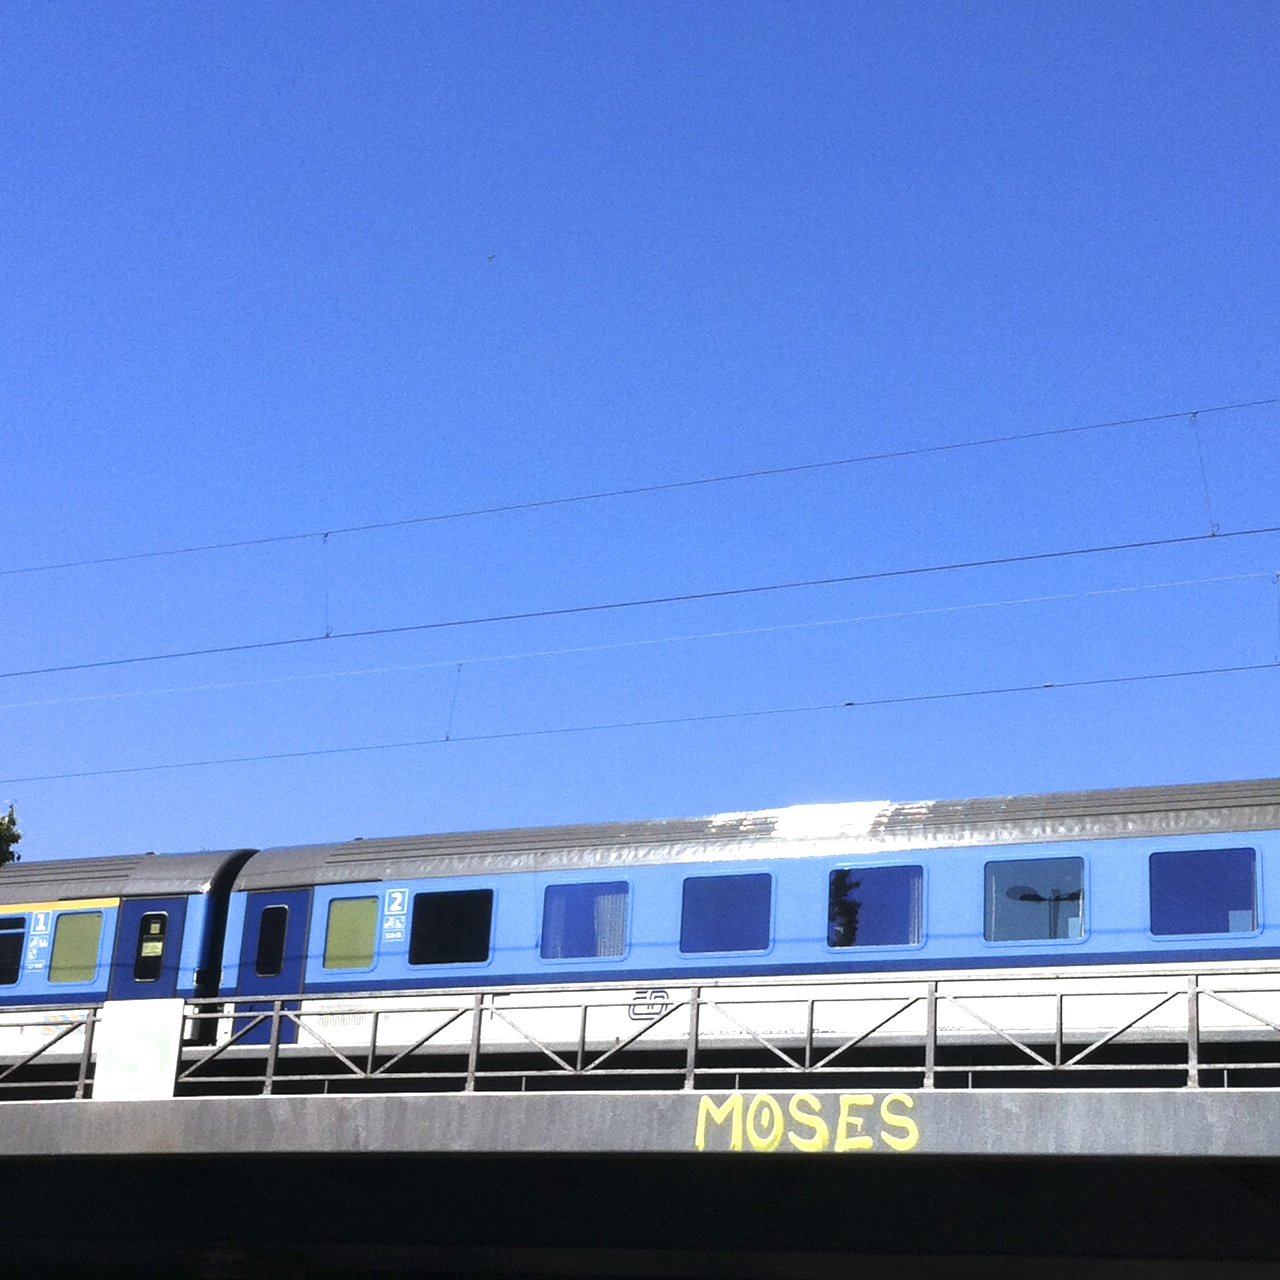 Blaue Bahn auf blauer Brücke, abcfee